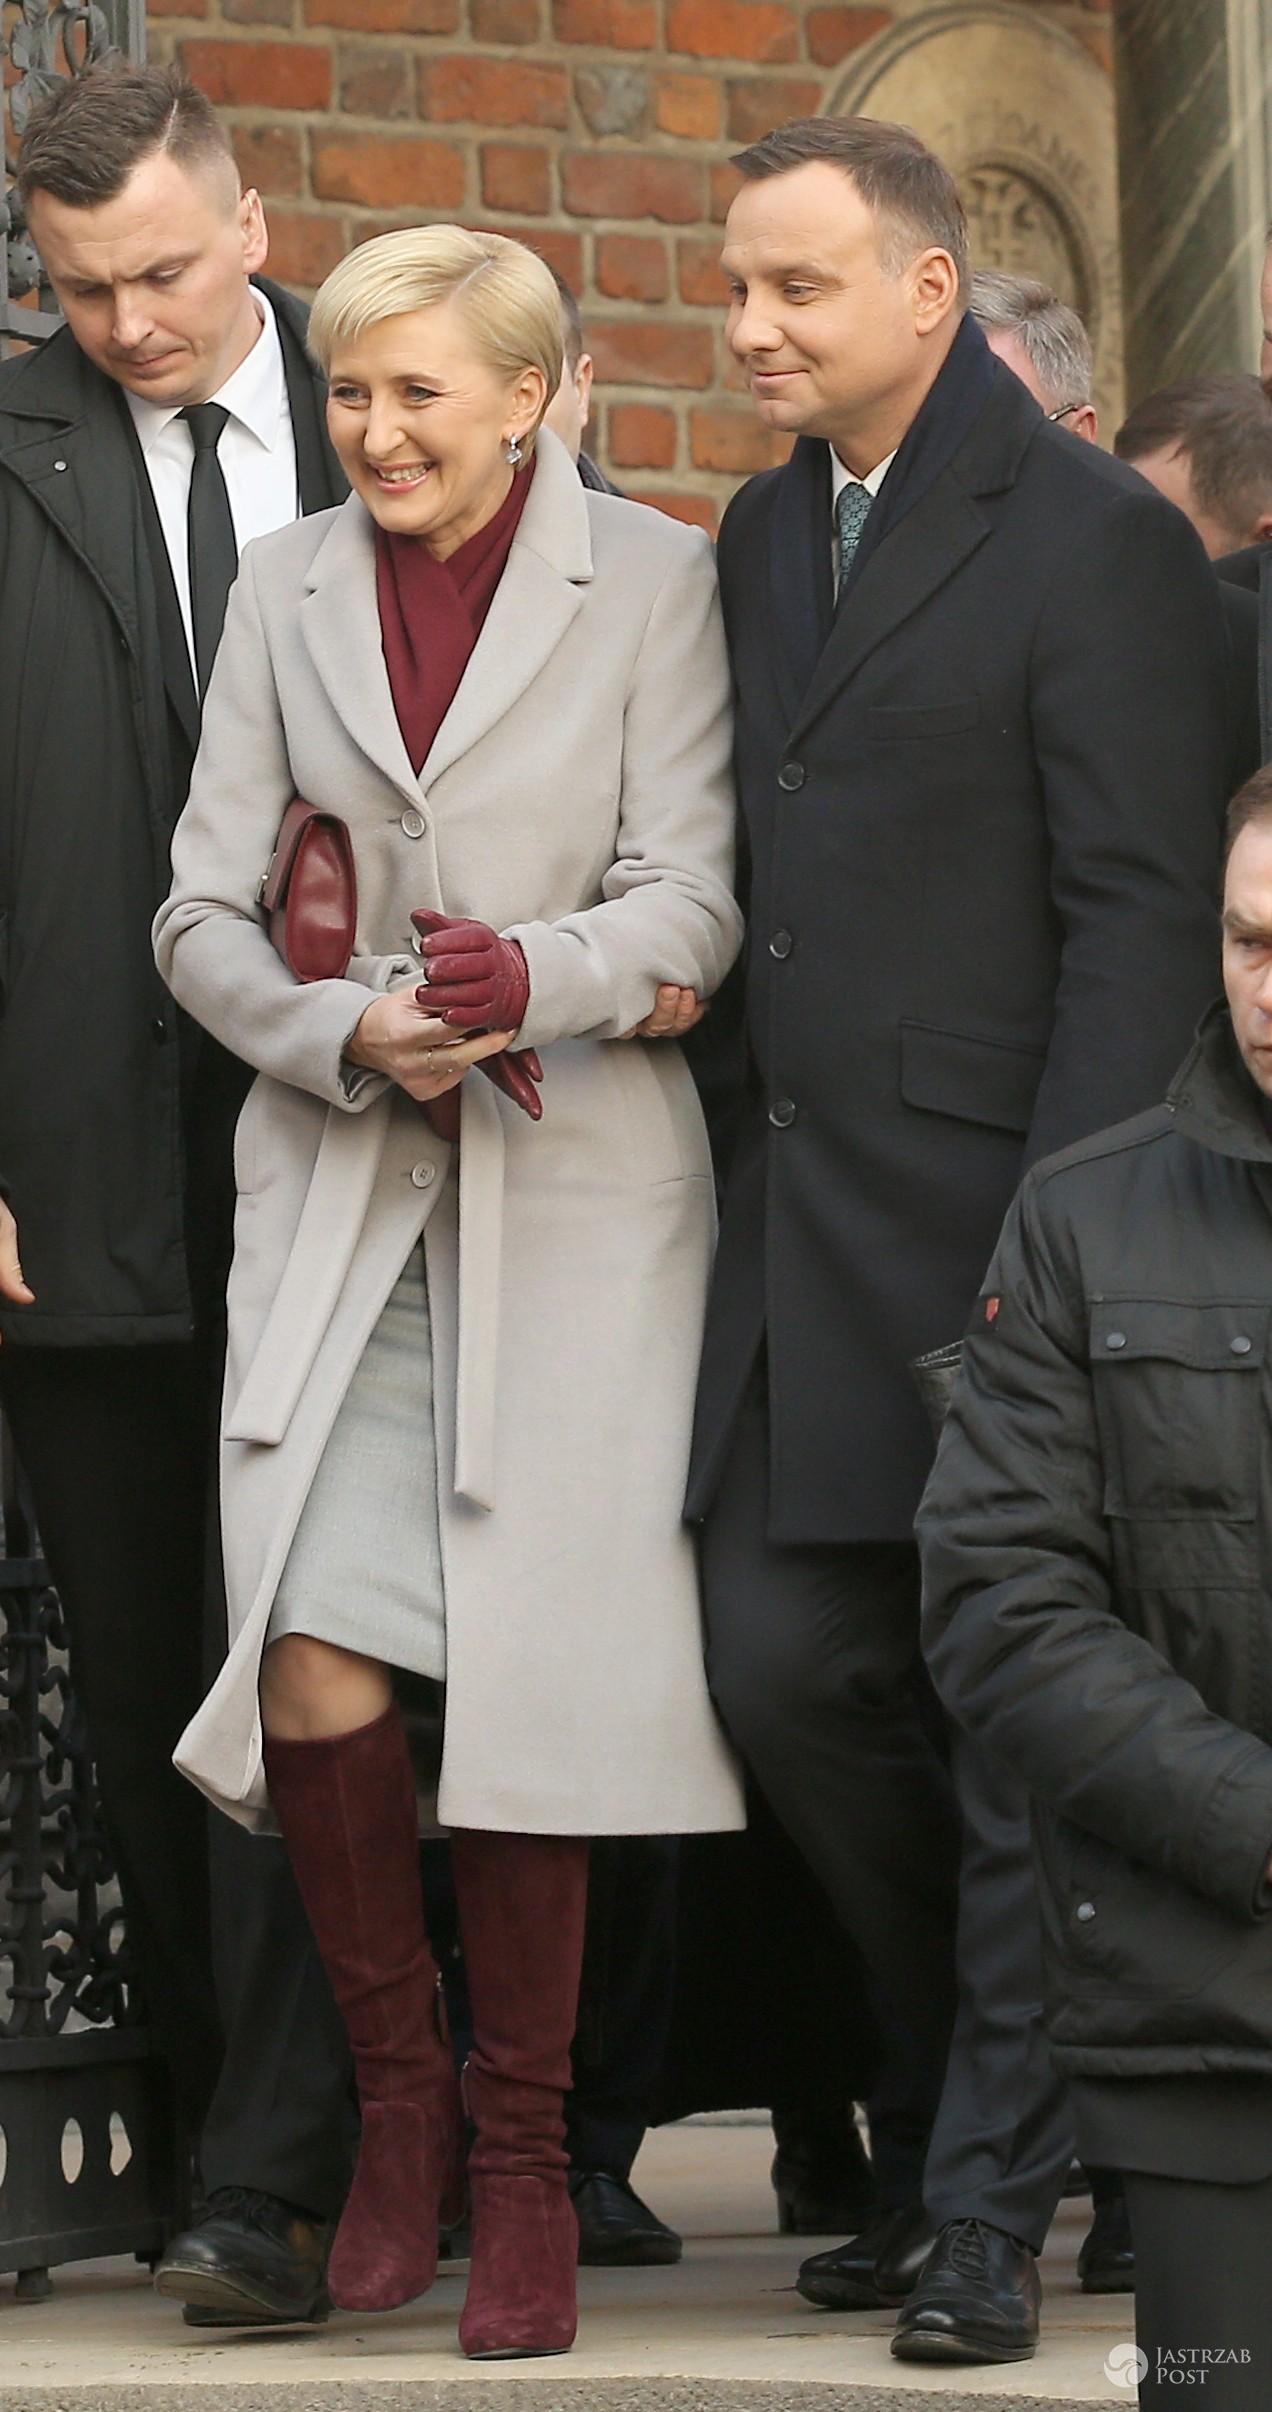 Agata Duda i Andrzej Duda na uroczystościach w Krakowie. Zdjęcia